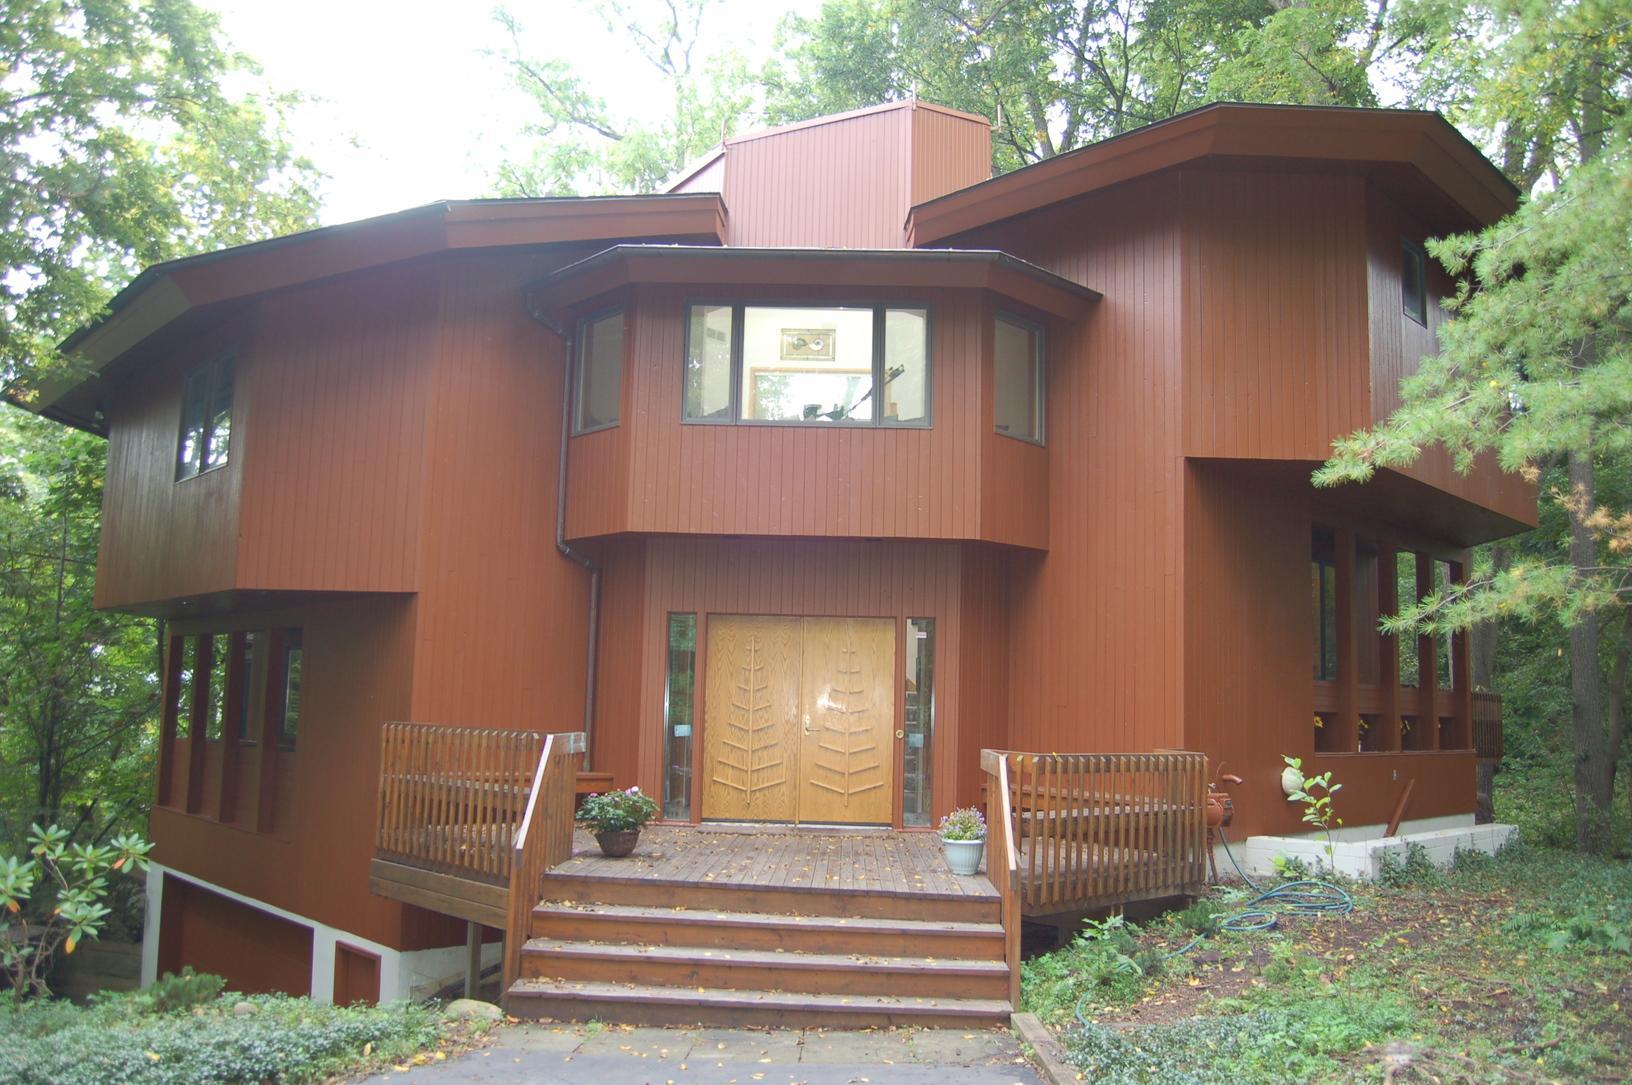 Rhino Shield on Cedar Home in Ann Arbor, MI - After Photo